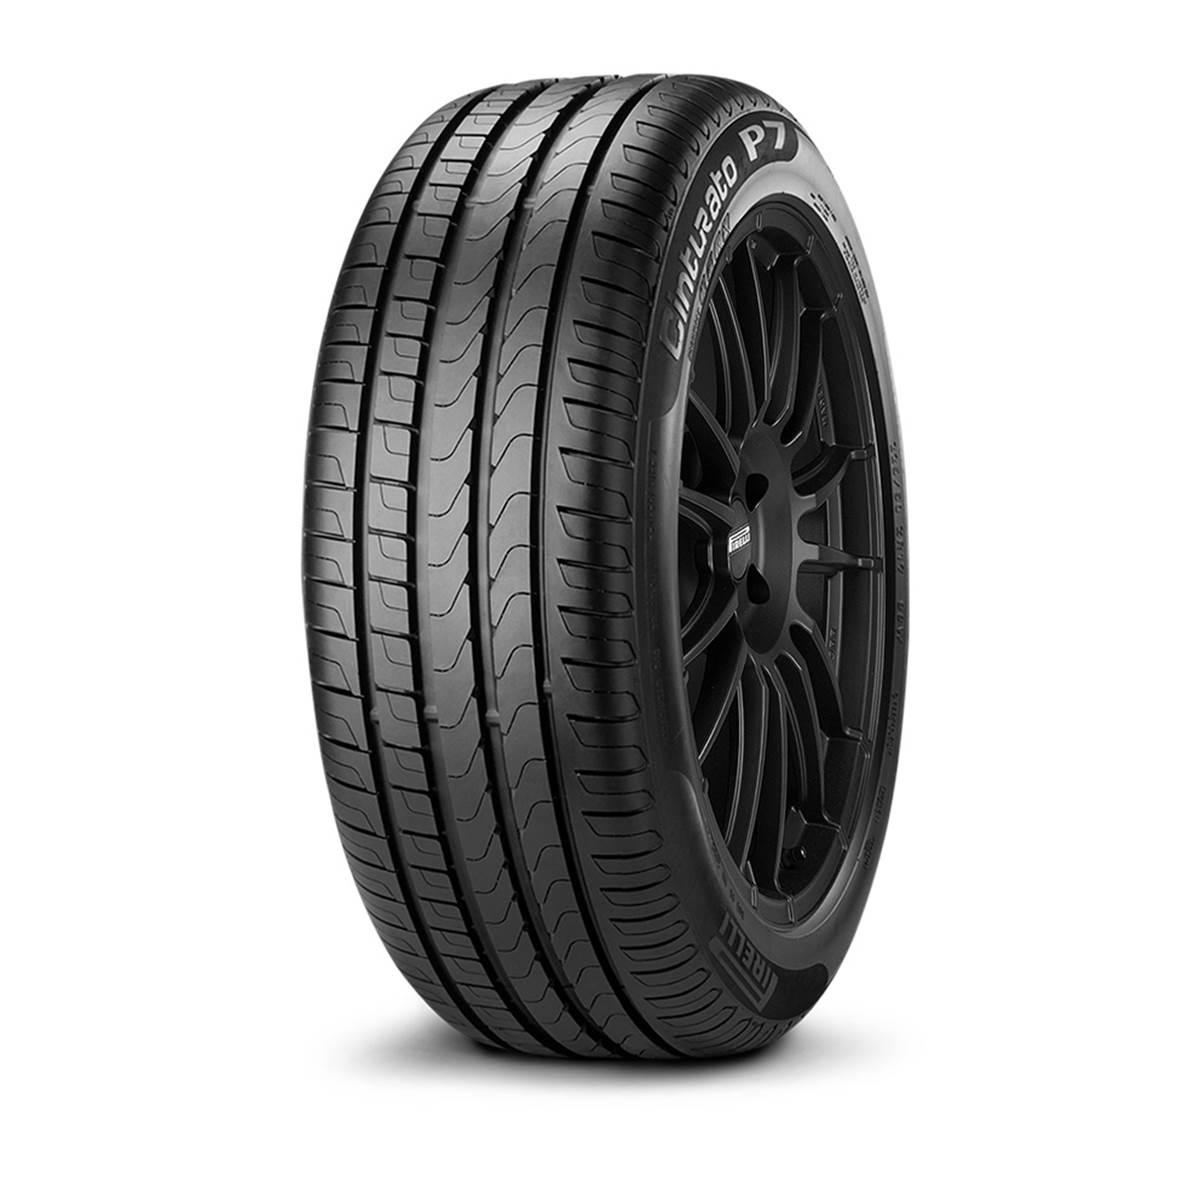 Pneu Runflat Pirelli 205/50R17 89V Cinturato P7